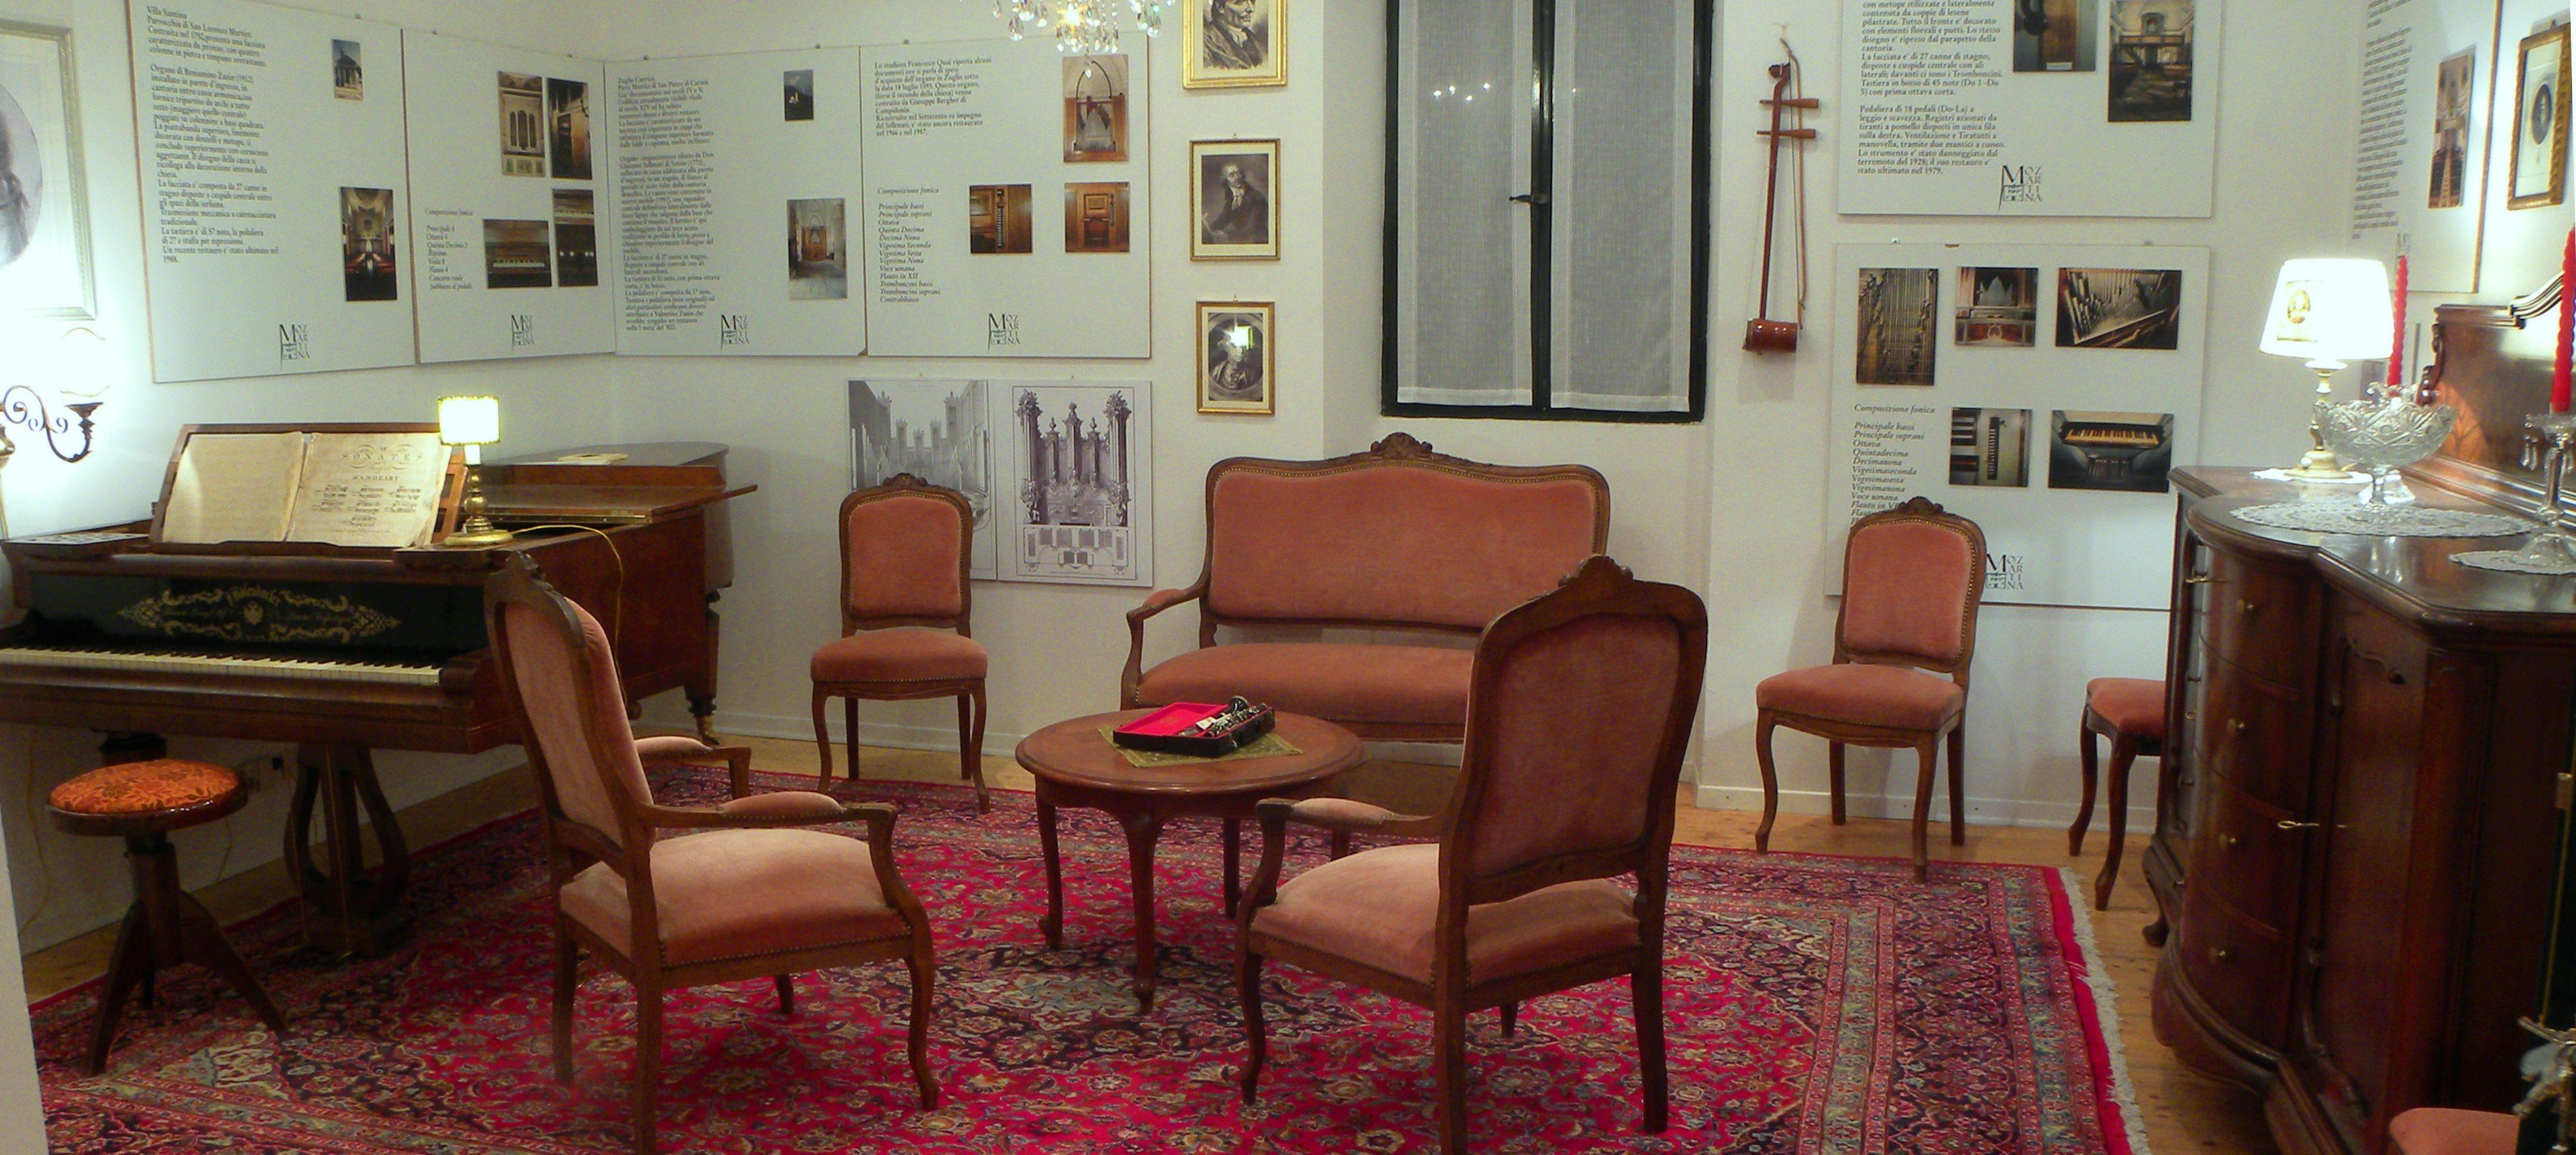 Oratorio S. Antonio Abate